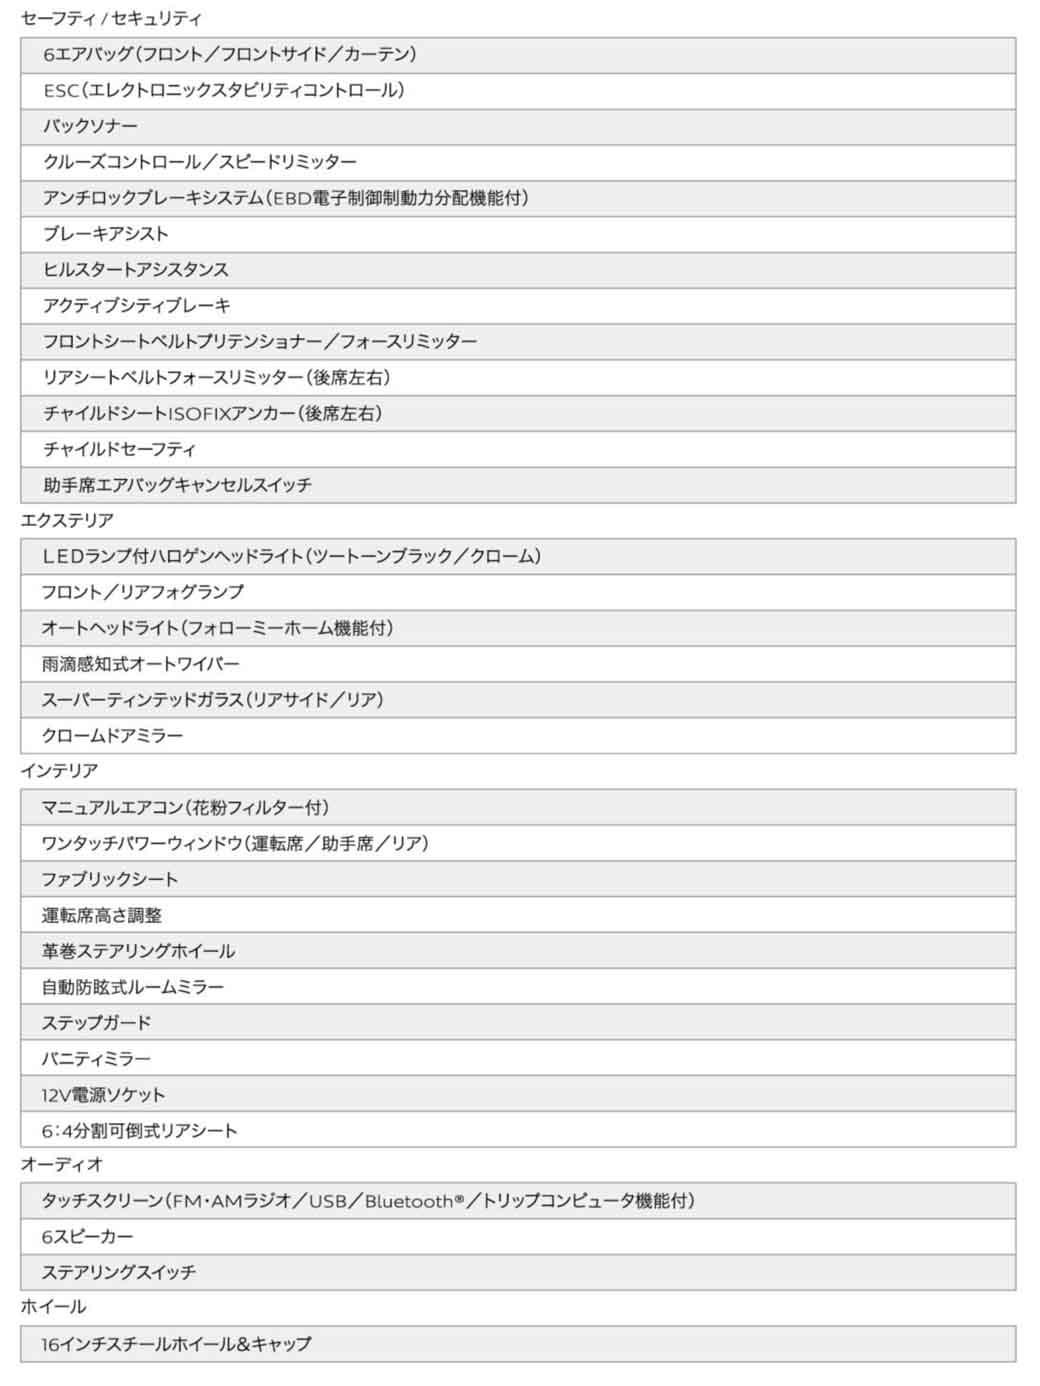 peugeot-citroen-japon-entry-model-208-style-plus-a-limited-release20160602-11